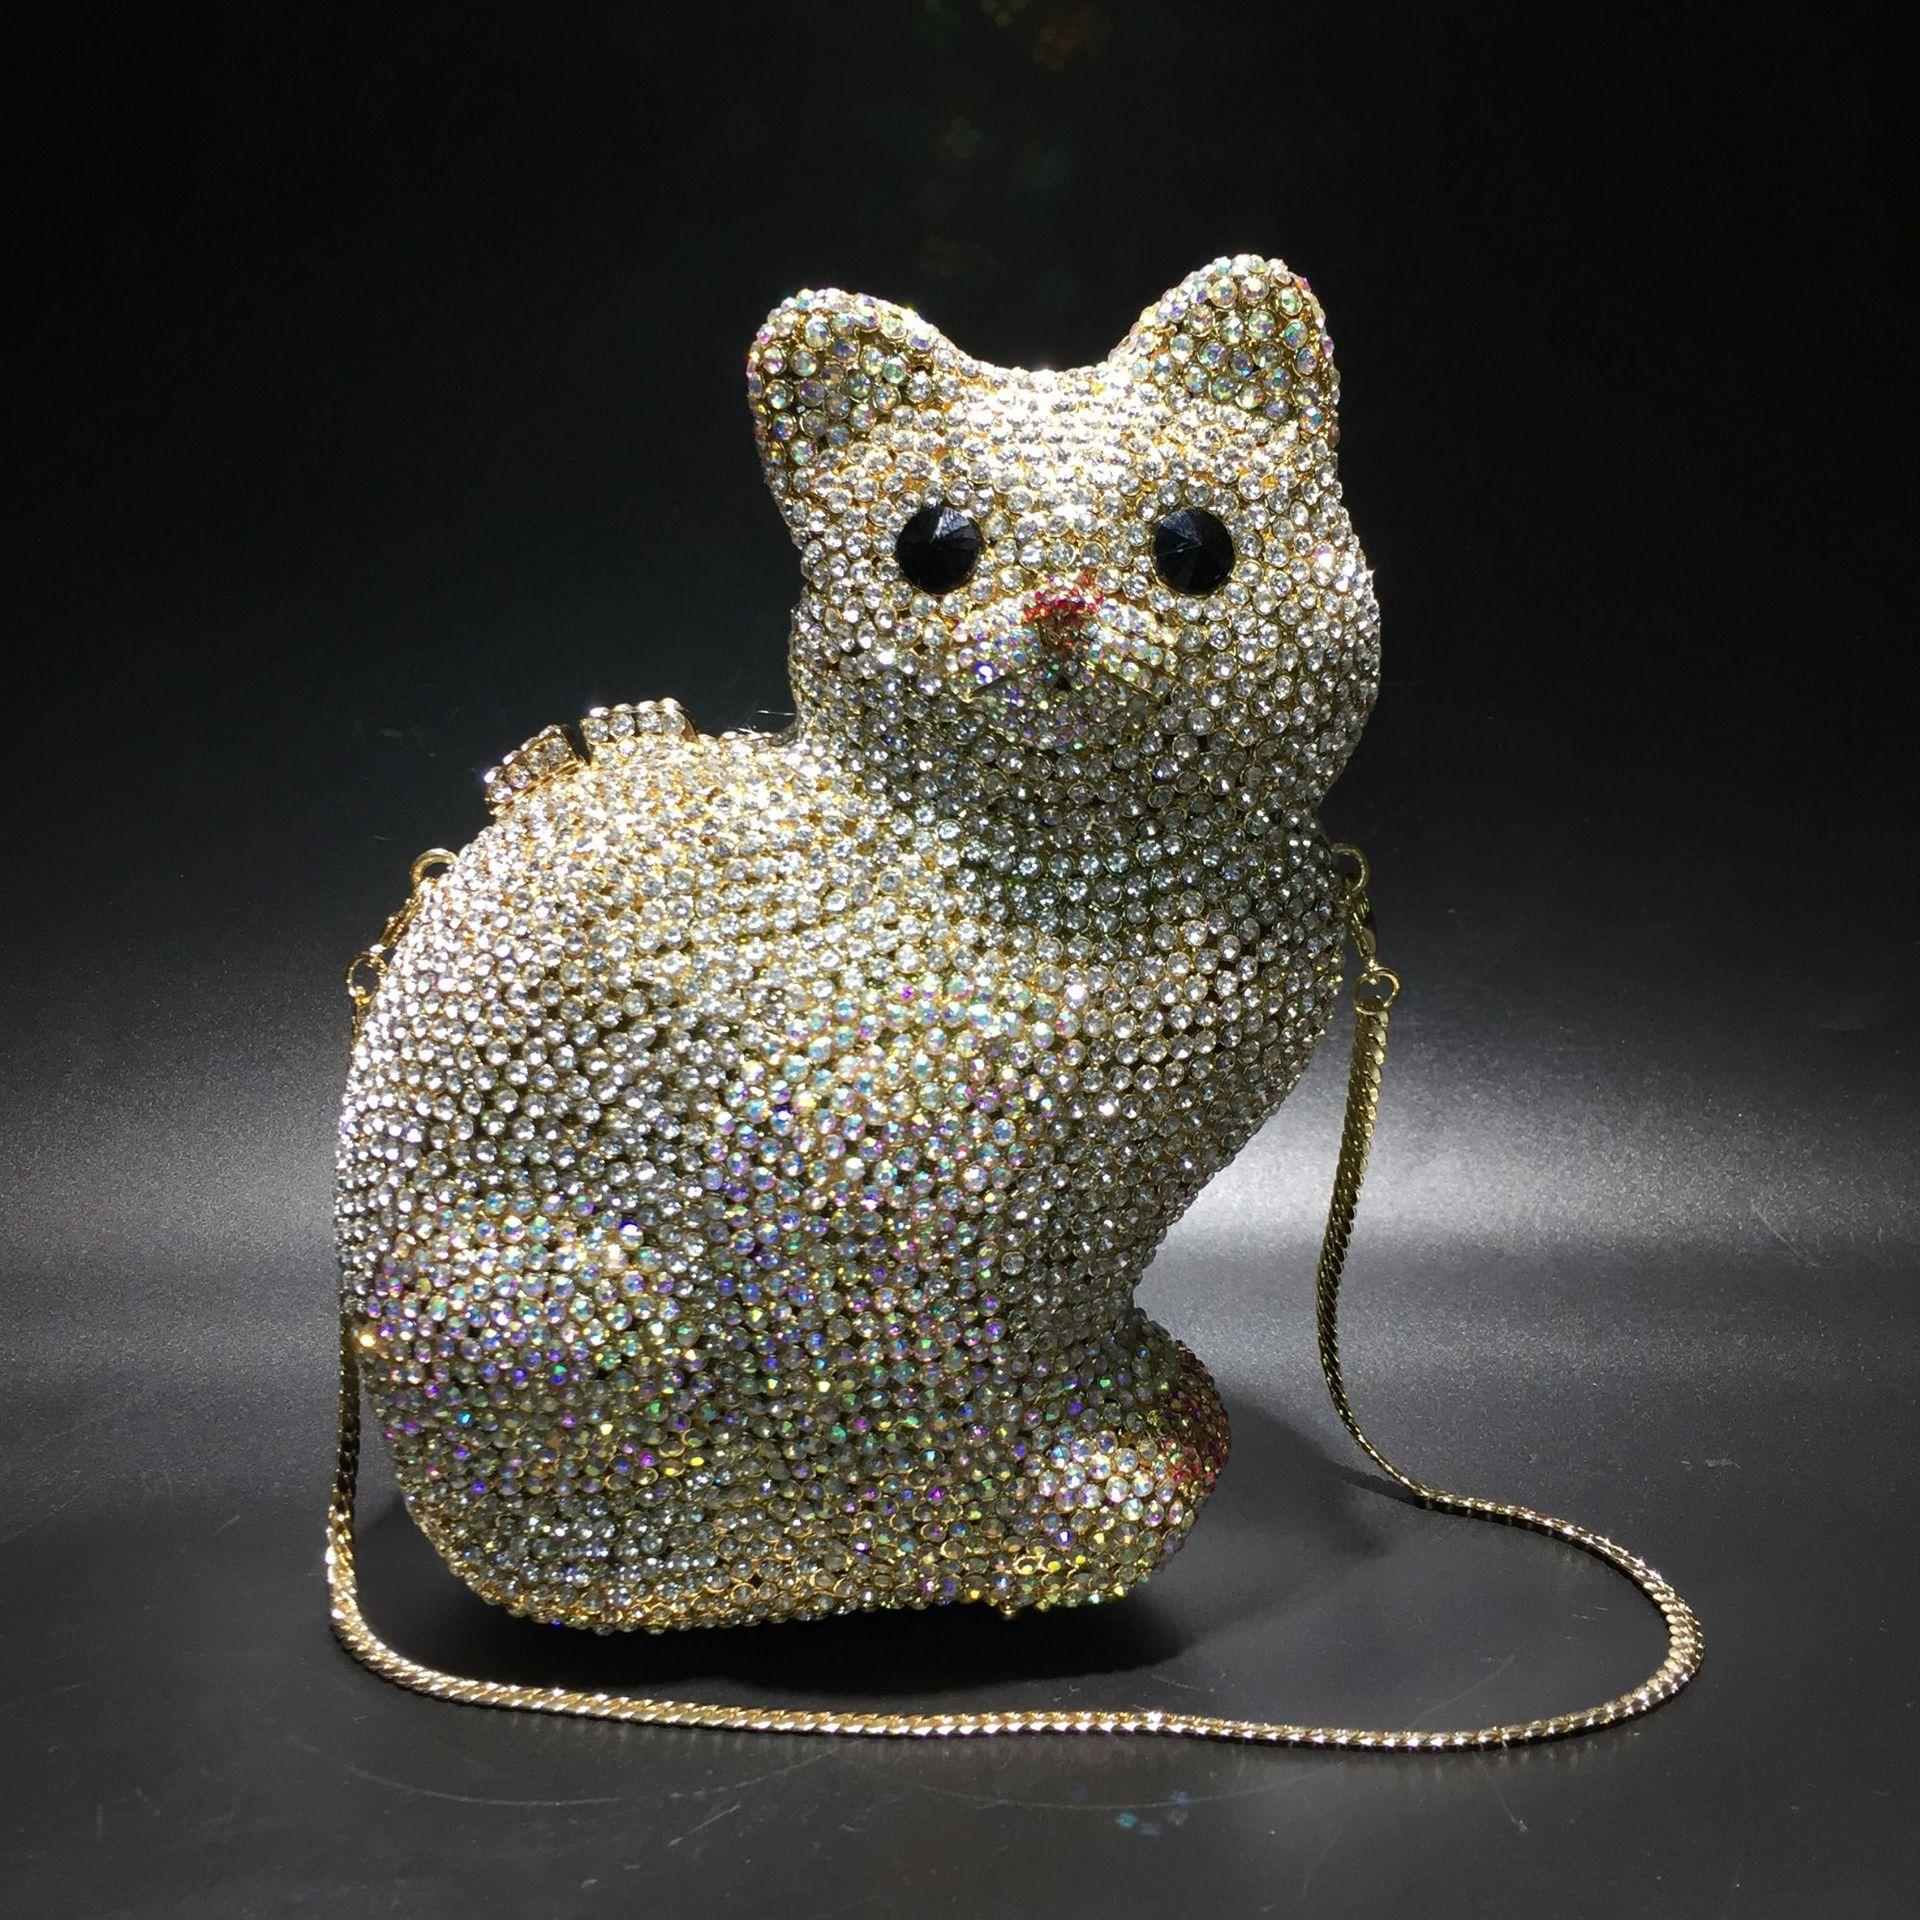 حقيبة يد نسائية من الكريستال الماسي ، 14 × 18 سنتيمتر ، هريرة من حجر الراين ، فارغة ، صناعة يدوية ، a5905